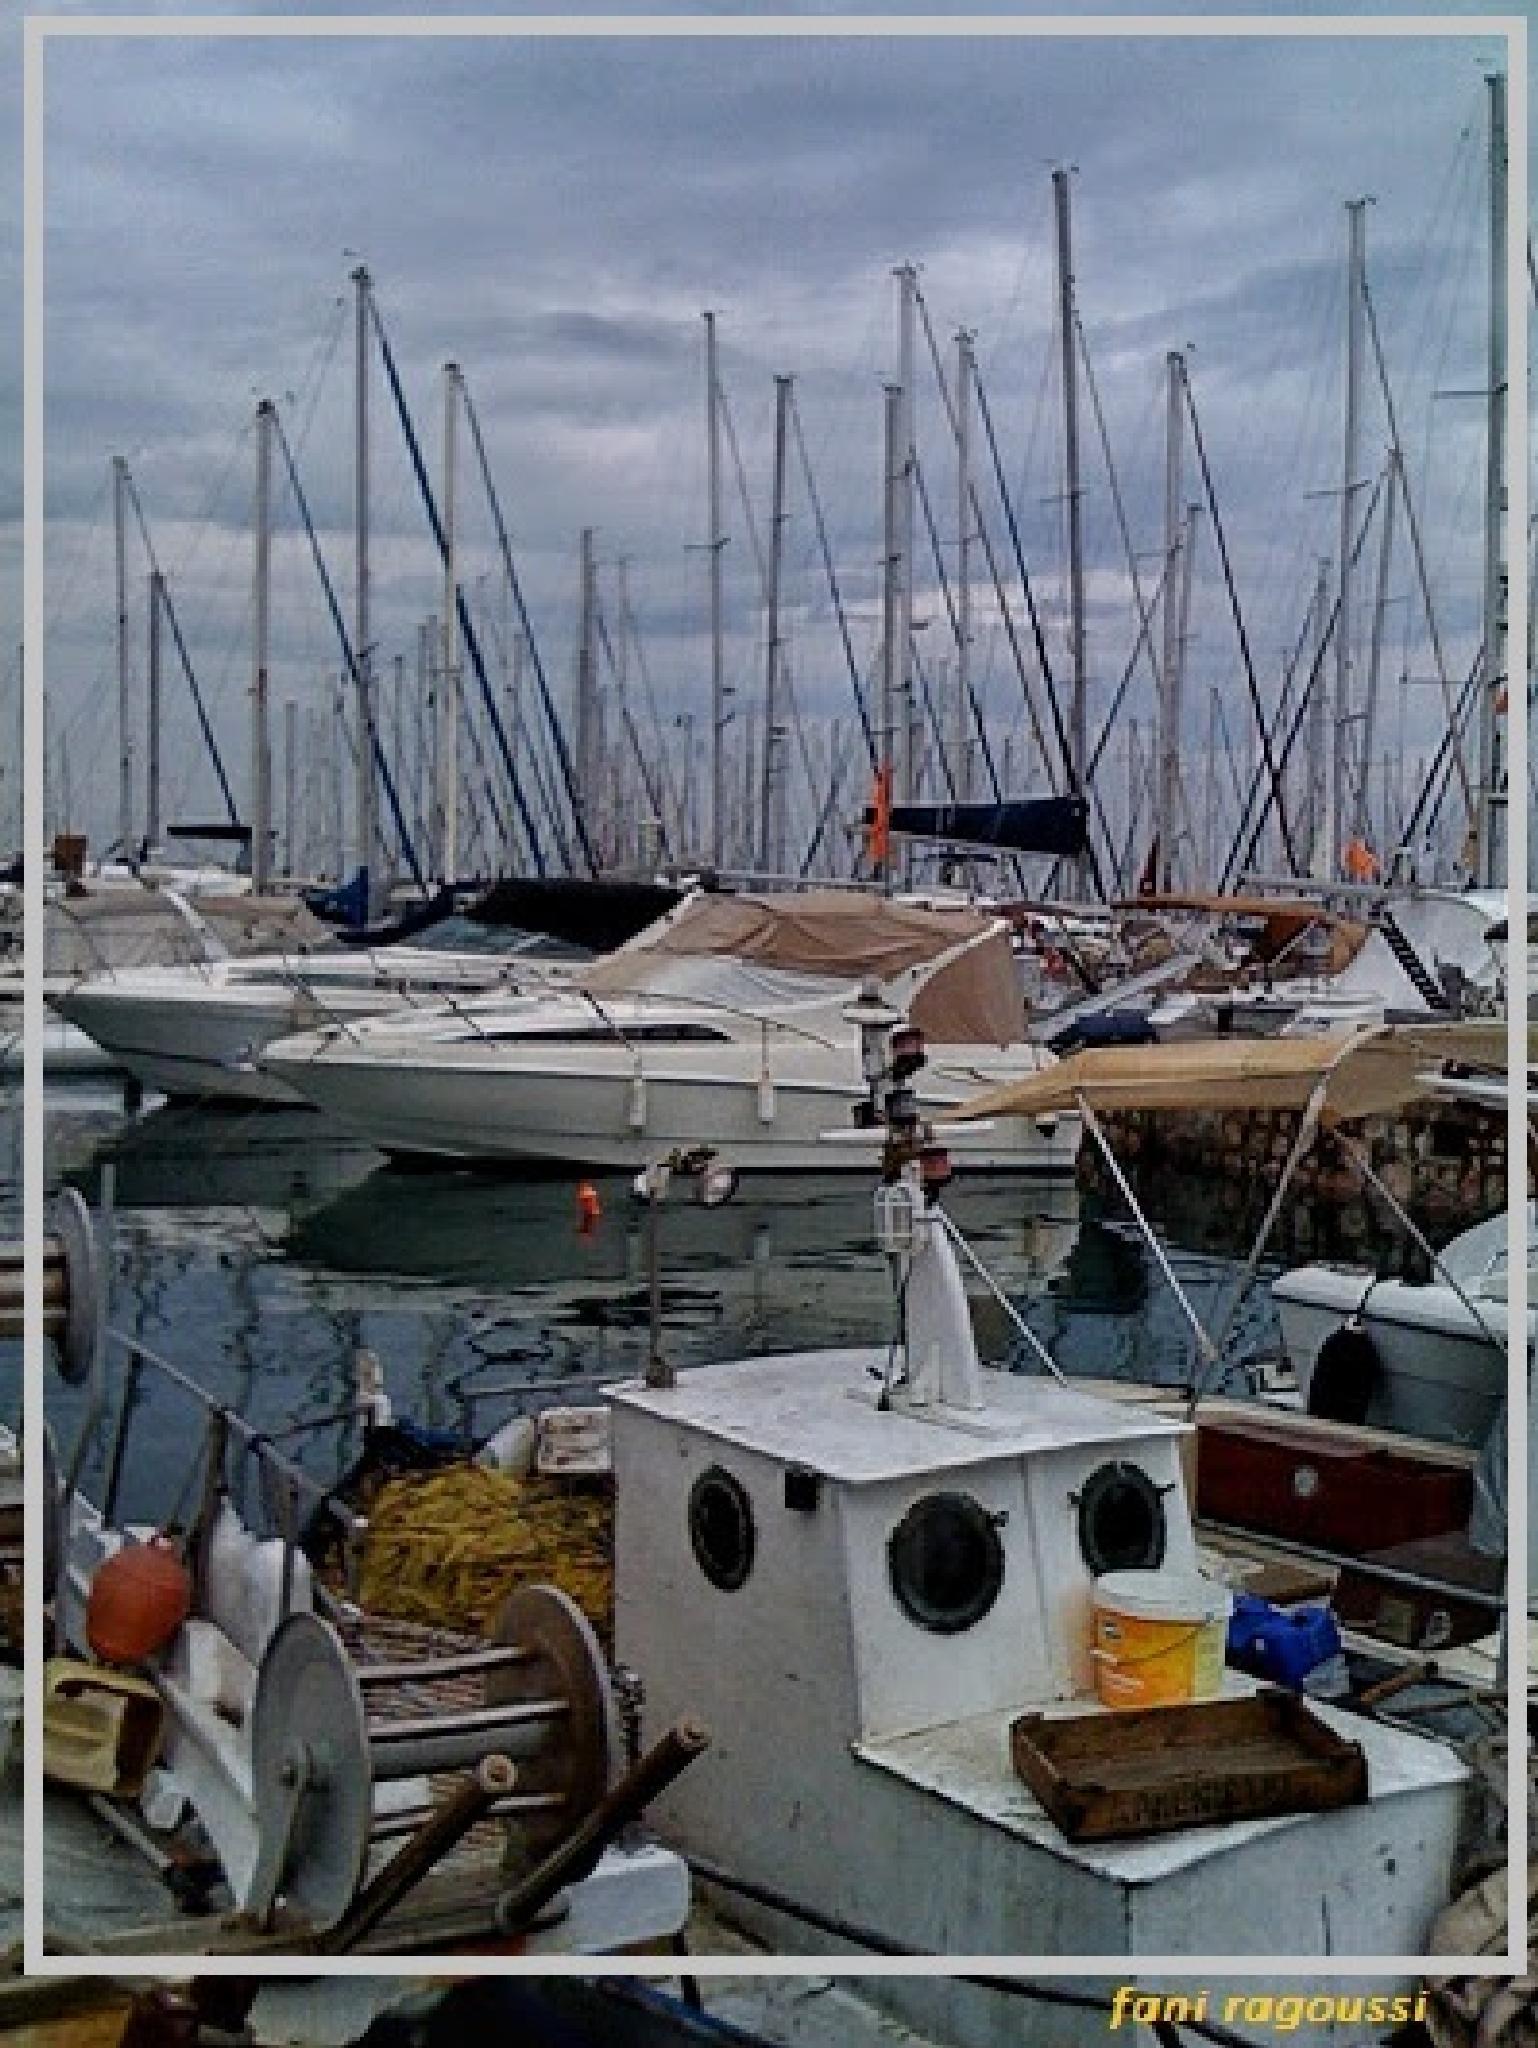 port by fani ragoussi